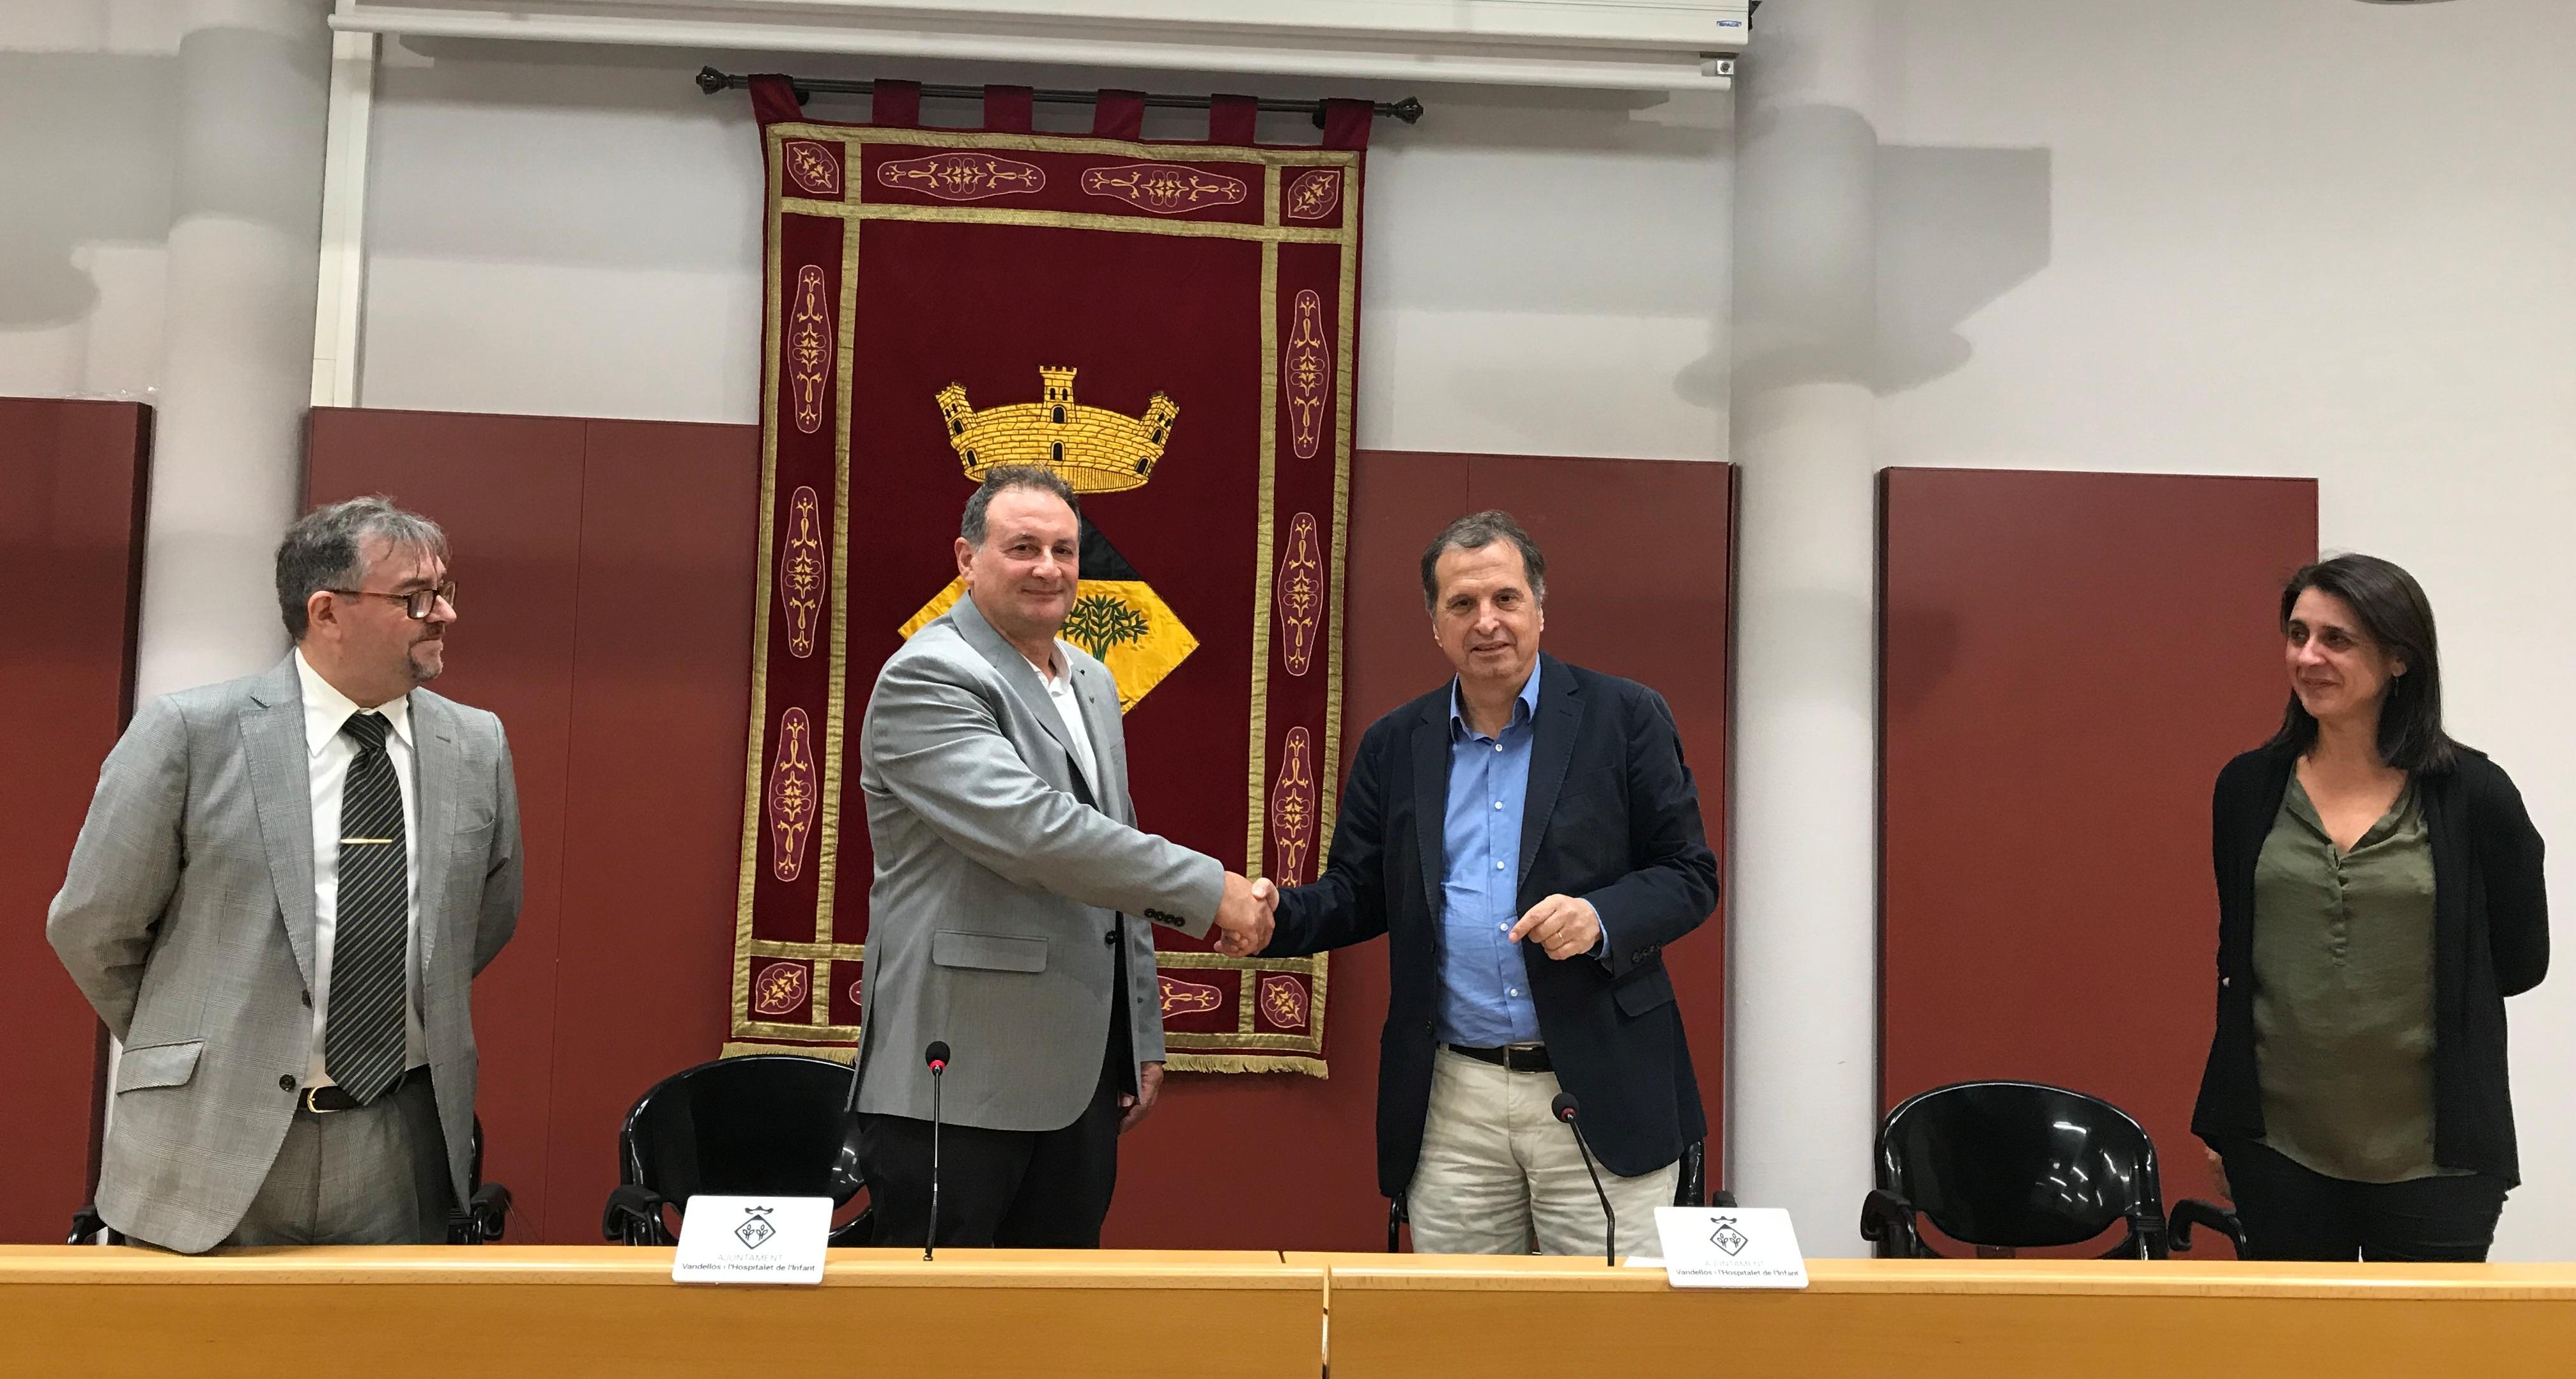 Pacte de govern a l'Ajuntament de Vandellòs i l'Hospitalet de l'Infant